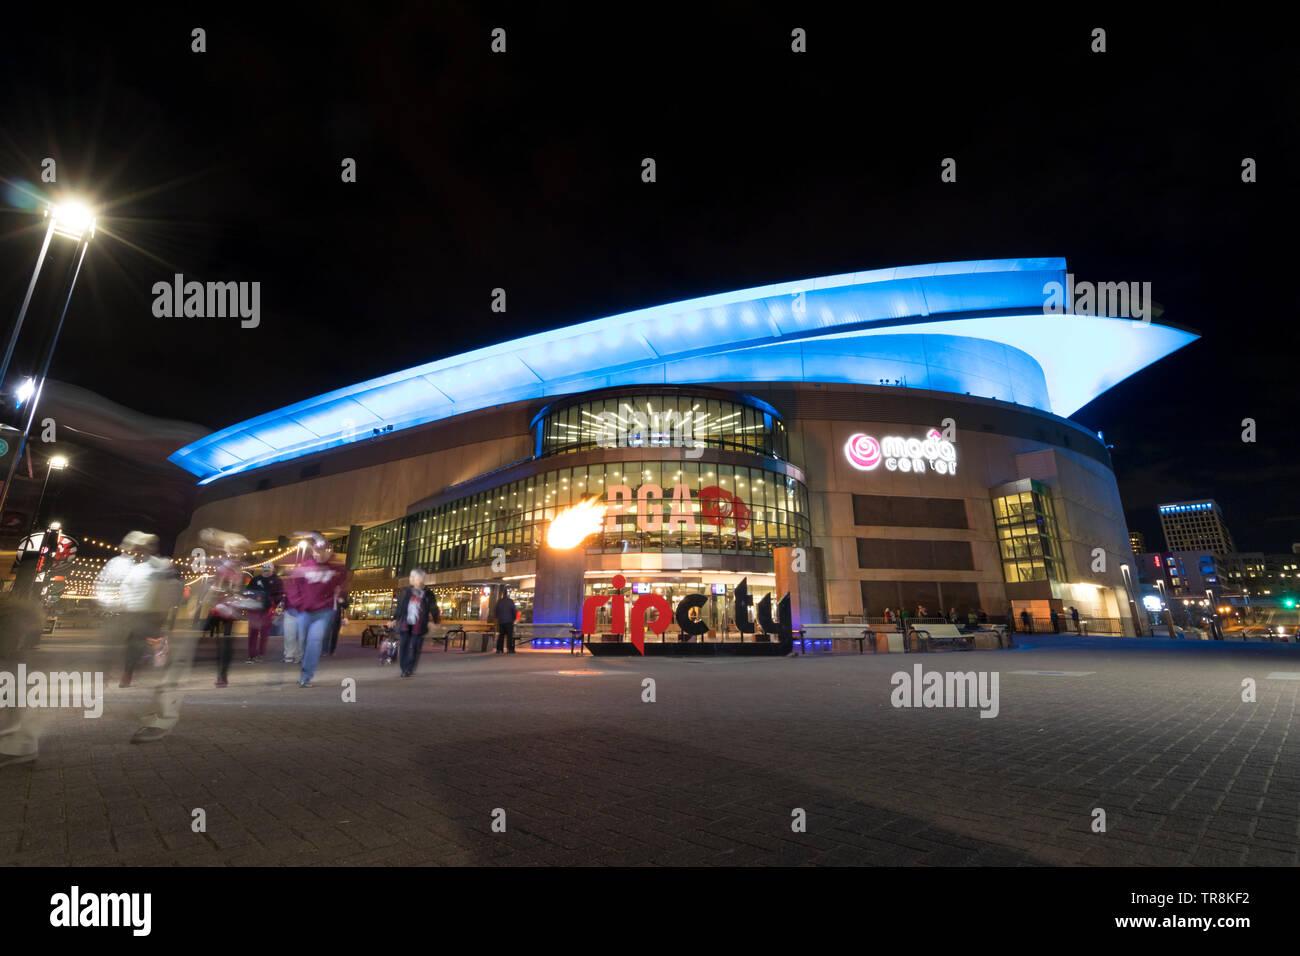 Portland, mineral / USA - Marzo 2019: Moda Center - el principal estadio en Portland, Oregón, Estados Unidos. Imagen De Stock